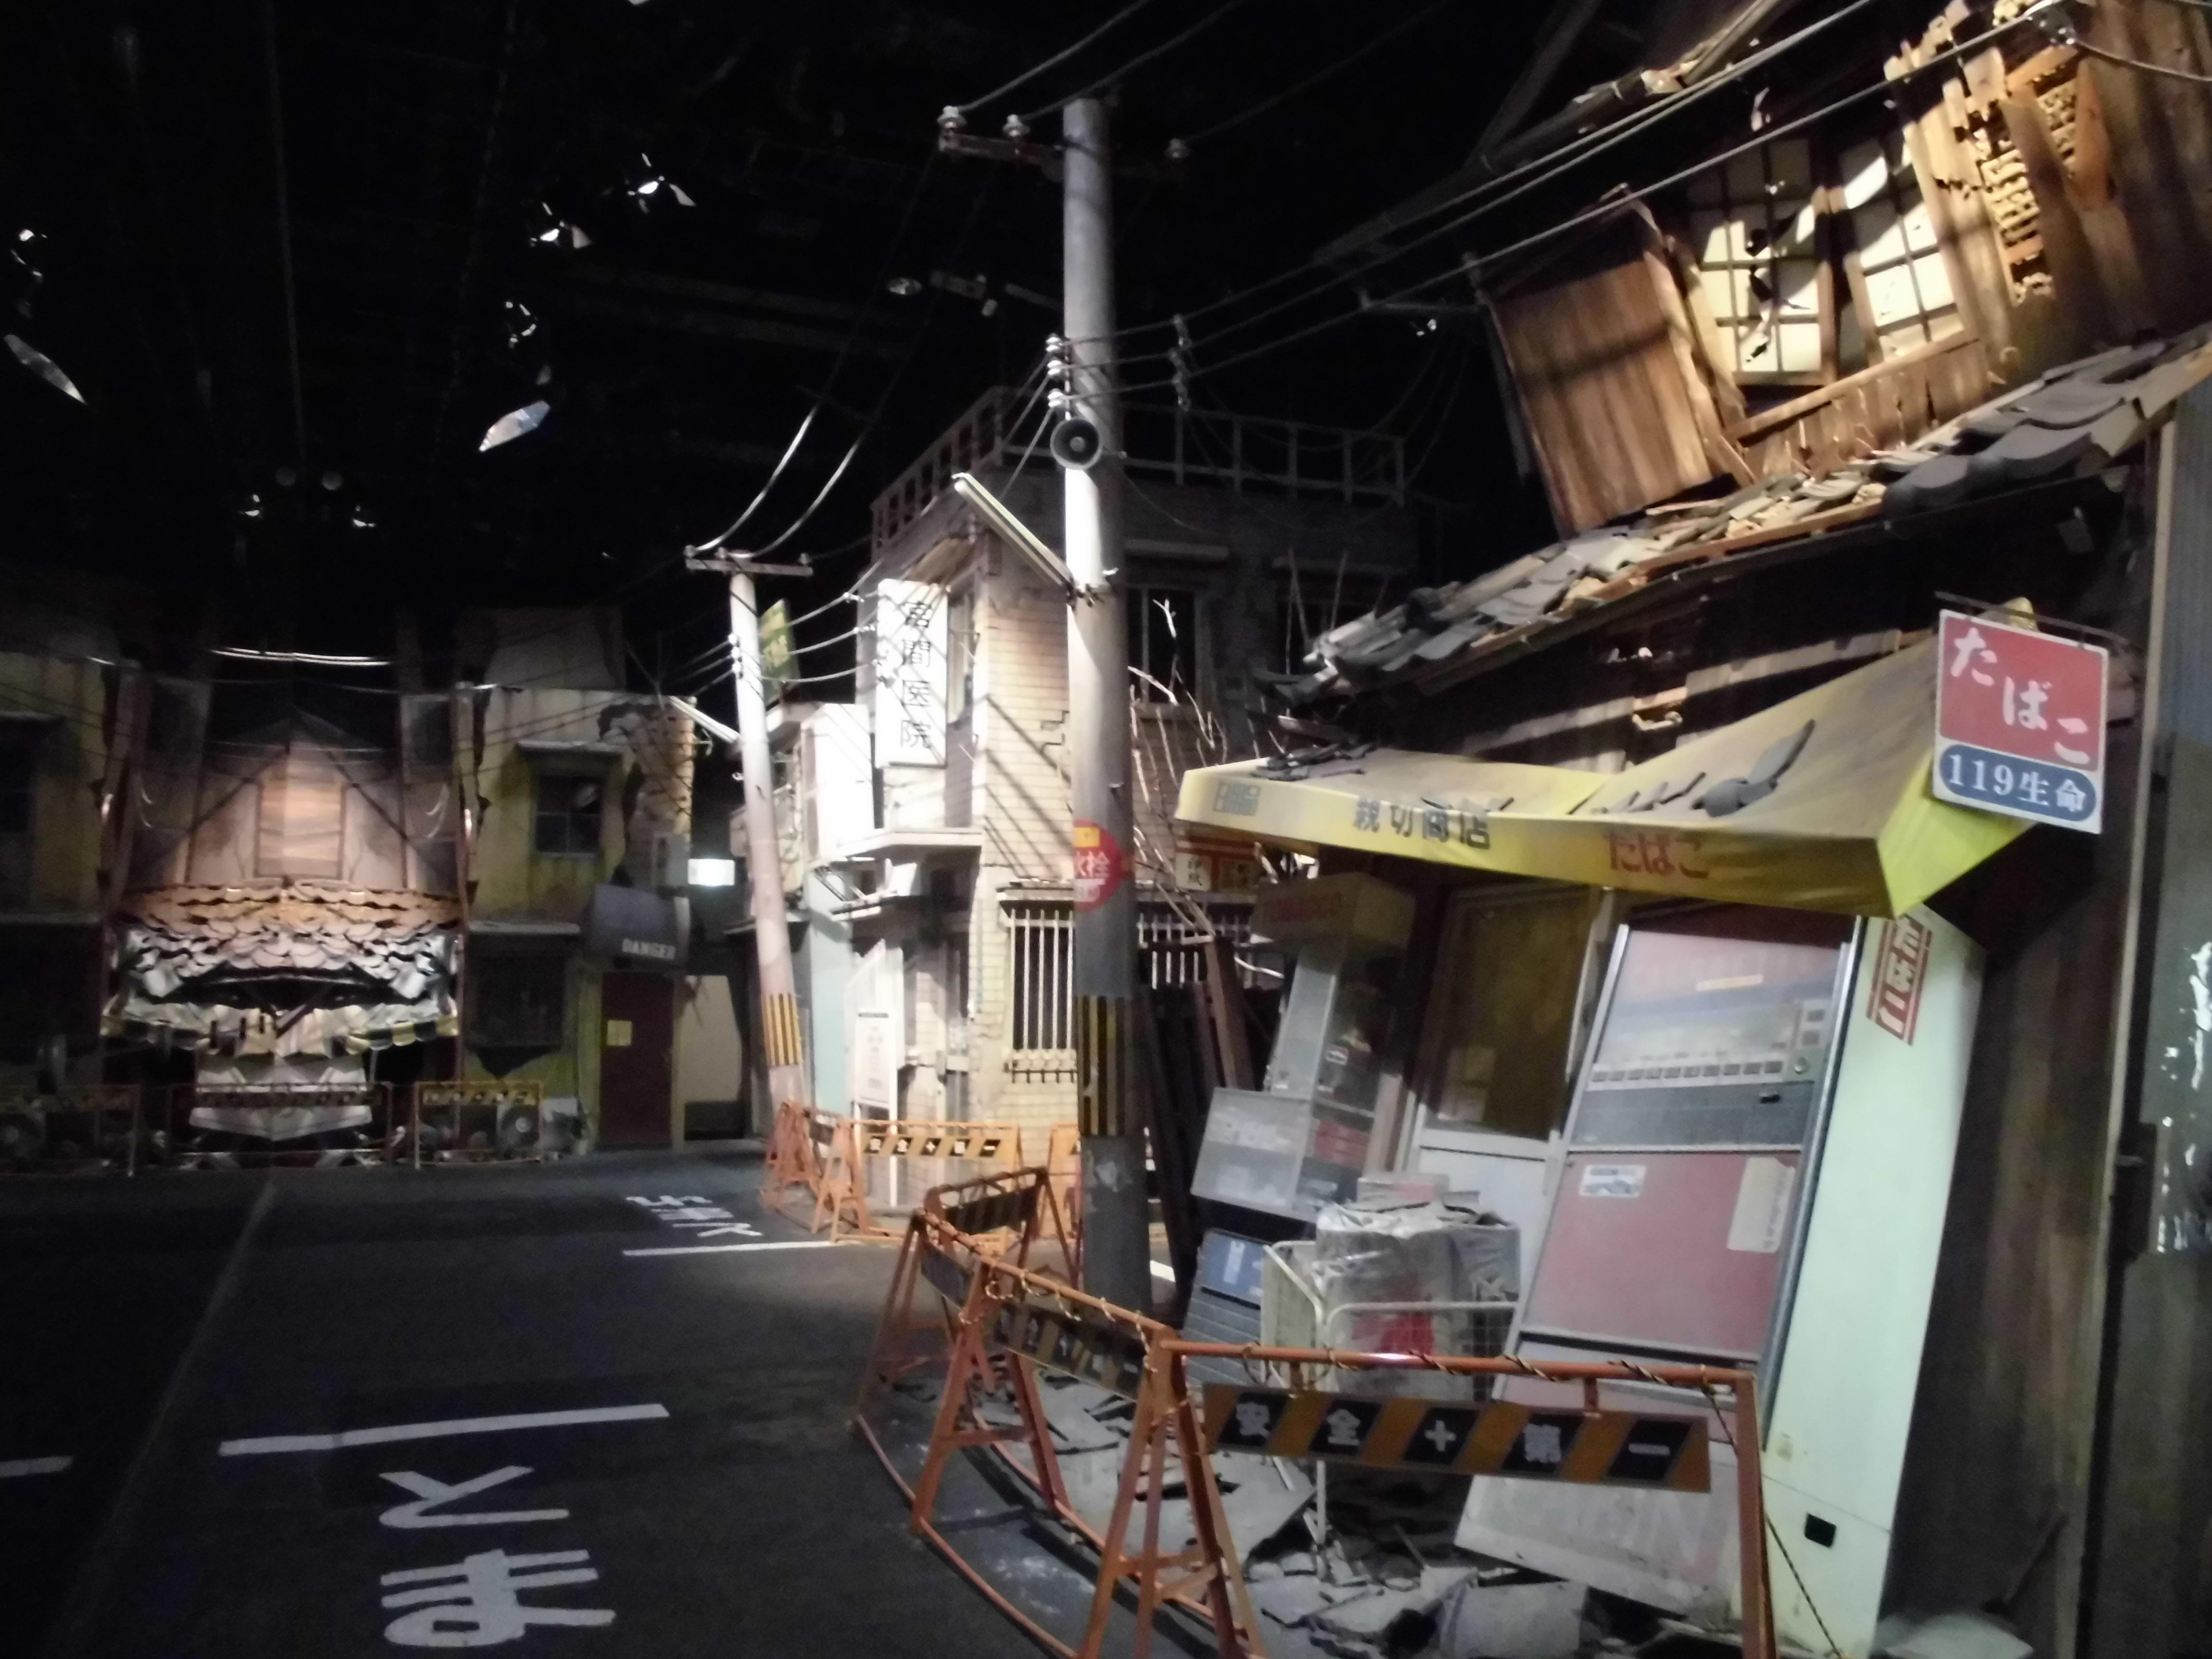 防災への準備は出来ていますか?~地震編~【大阪市立阿倍野防災センターに行ってきました。by-VEGETAPSY】